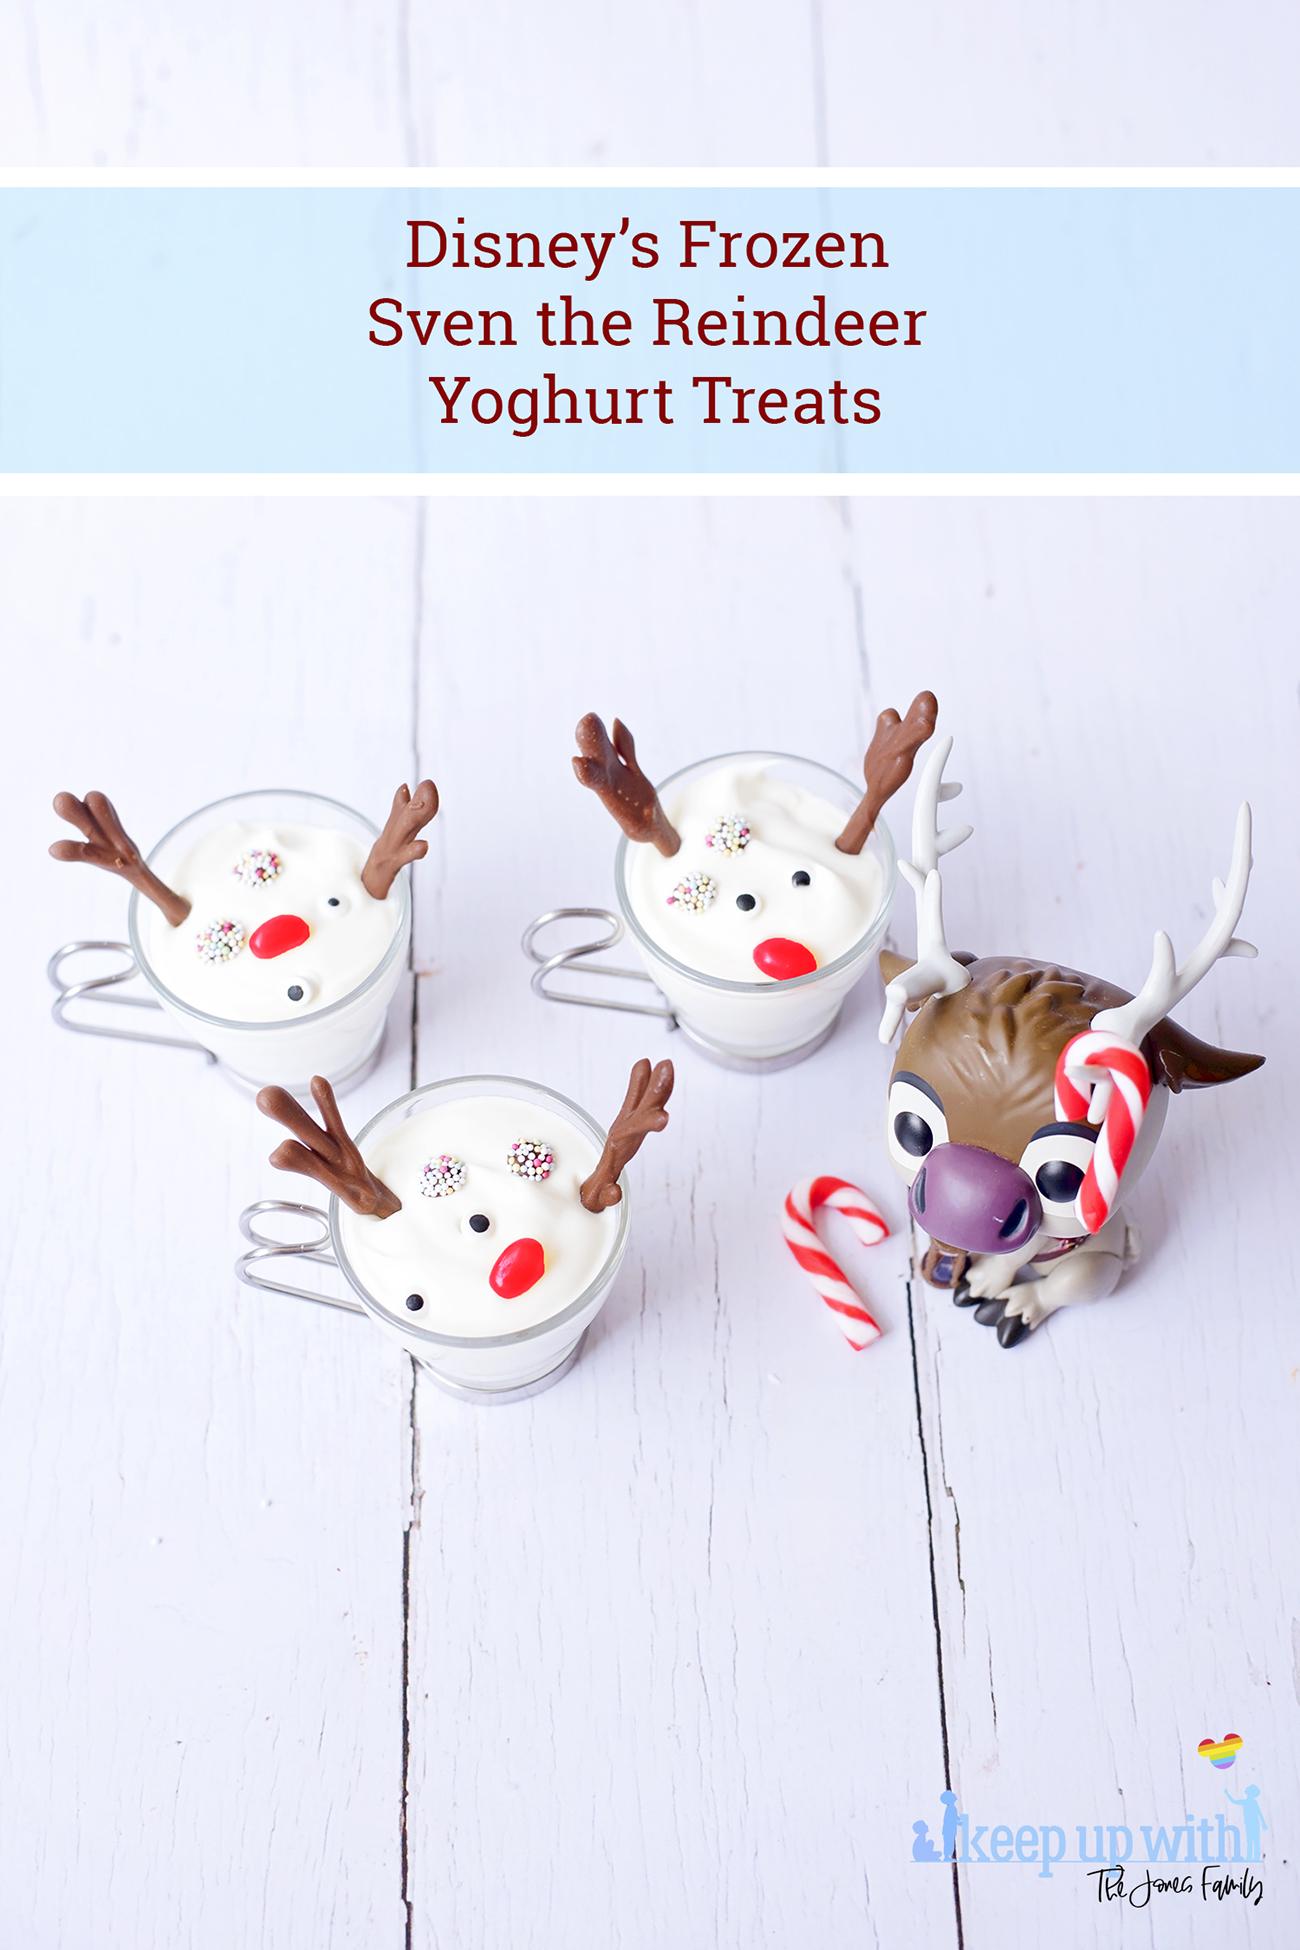 Disney's Frozen: Melted Sven the Reindeer Yoghurts